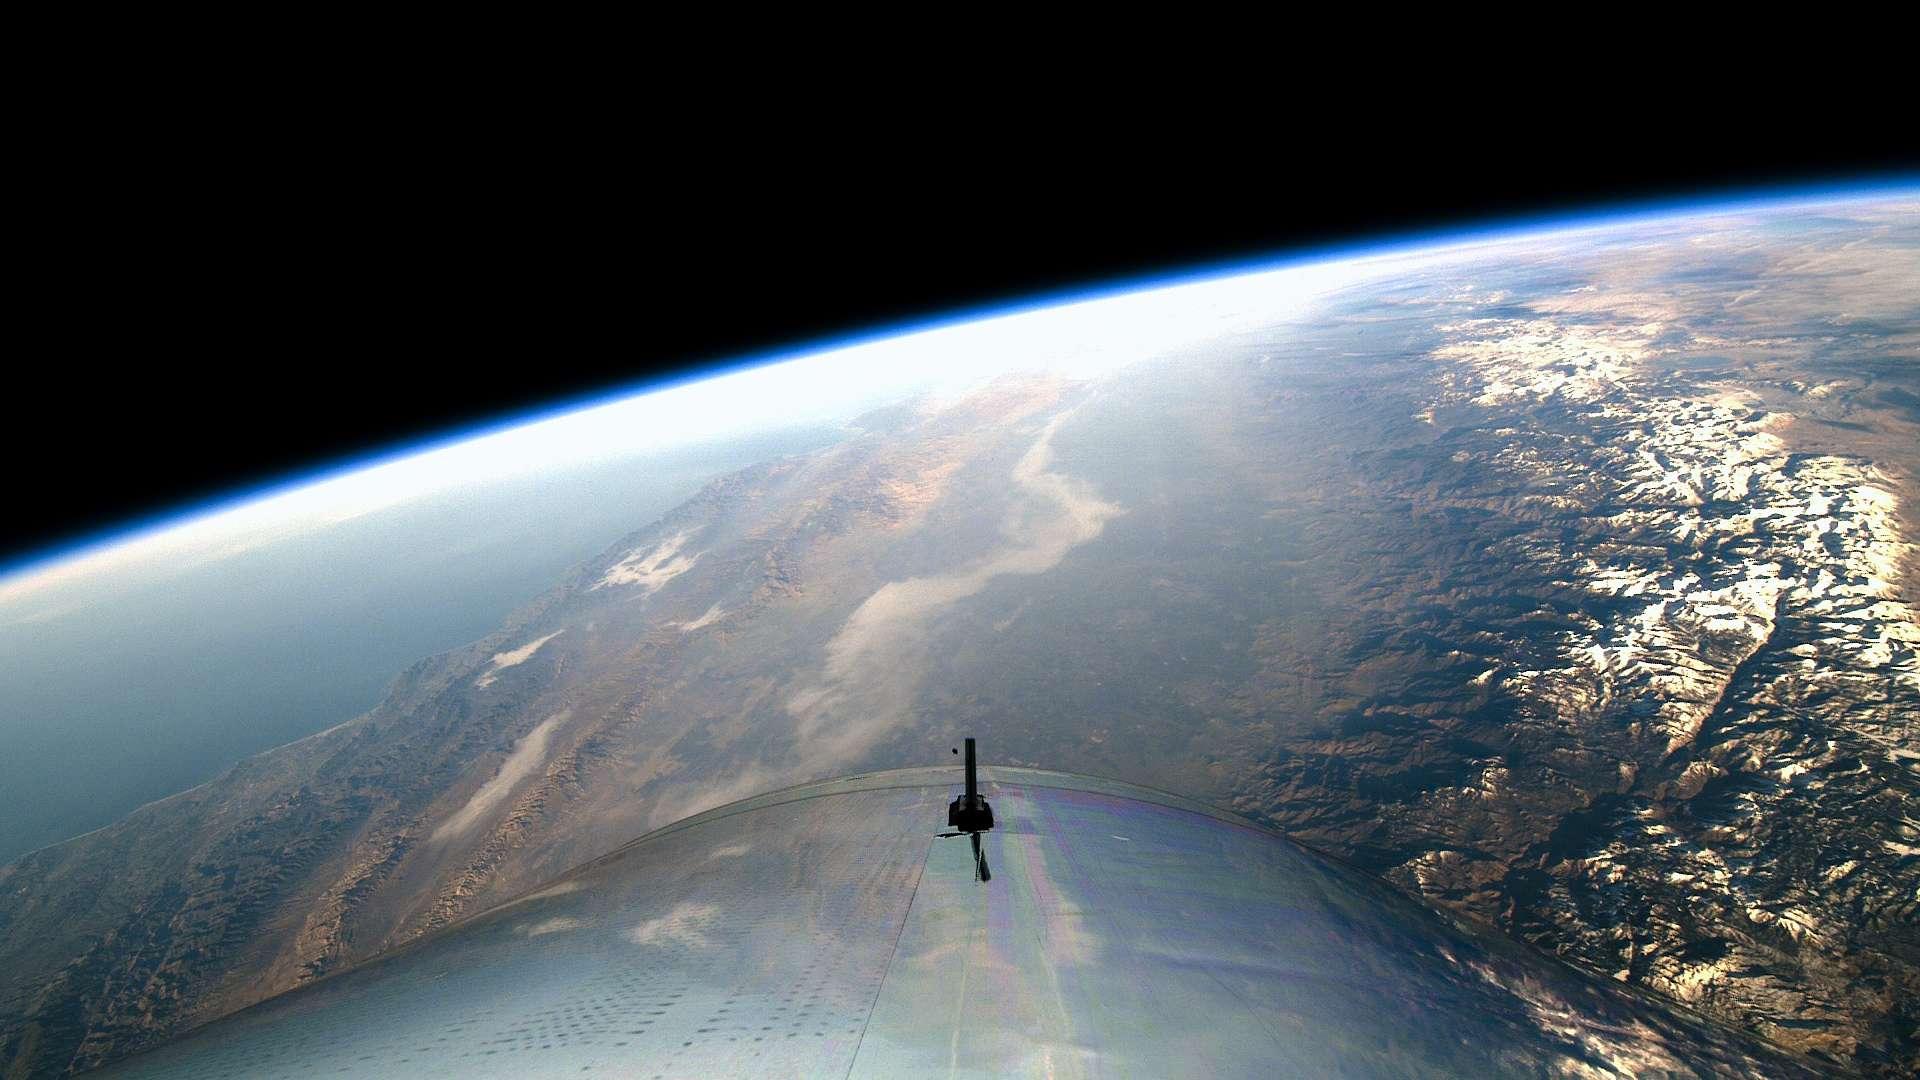 La Terre vue du SpaceShipTwo de Virgin Galactic lors de son vol inaugural à la frontière de l'espace le 13 décembre. © Virgin Galactic 2018